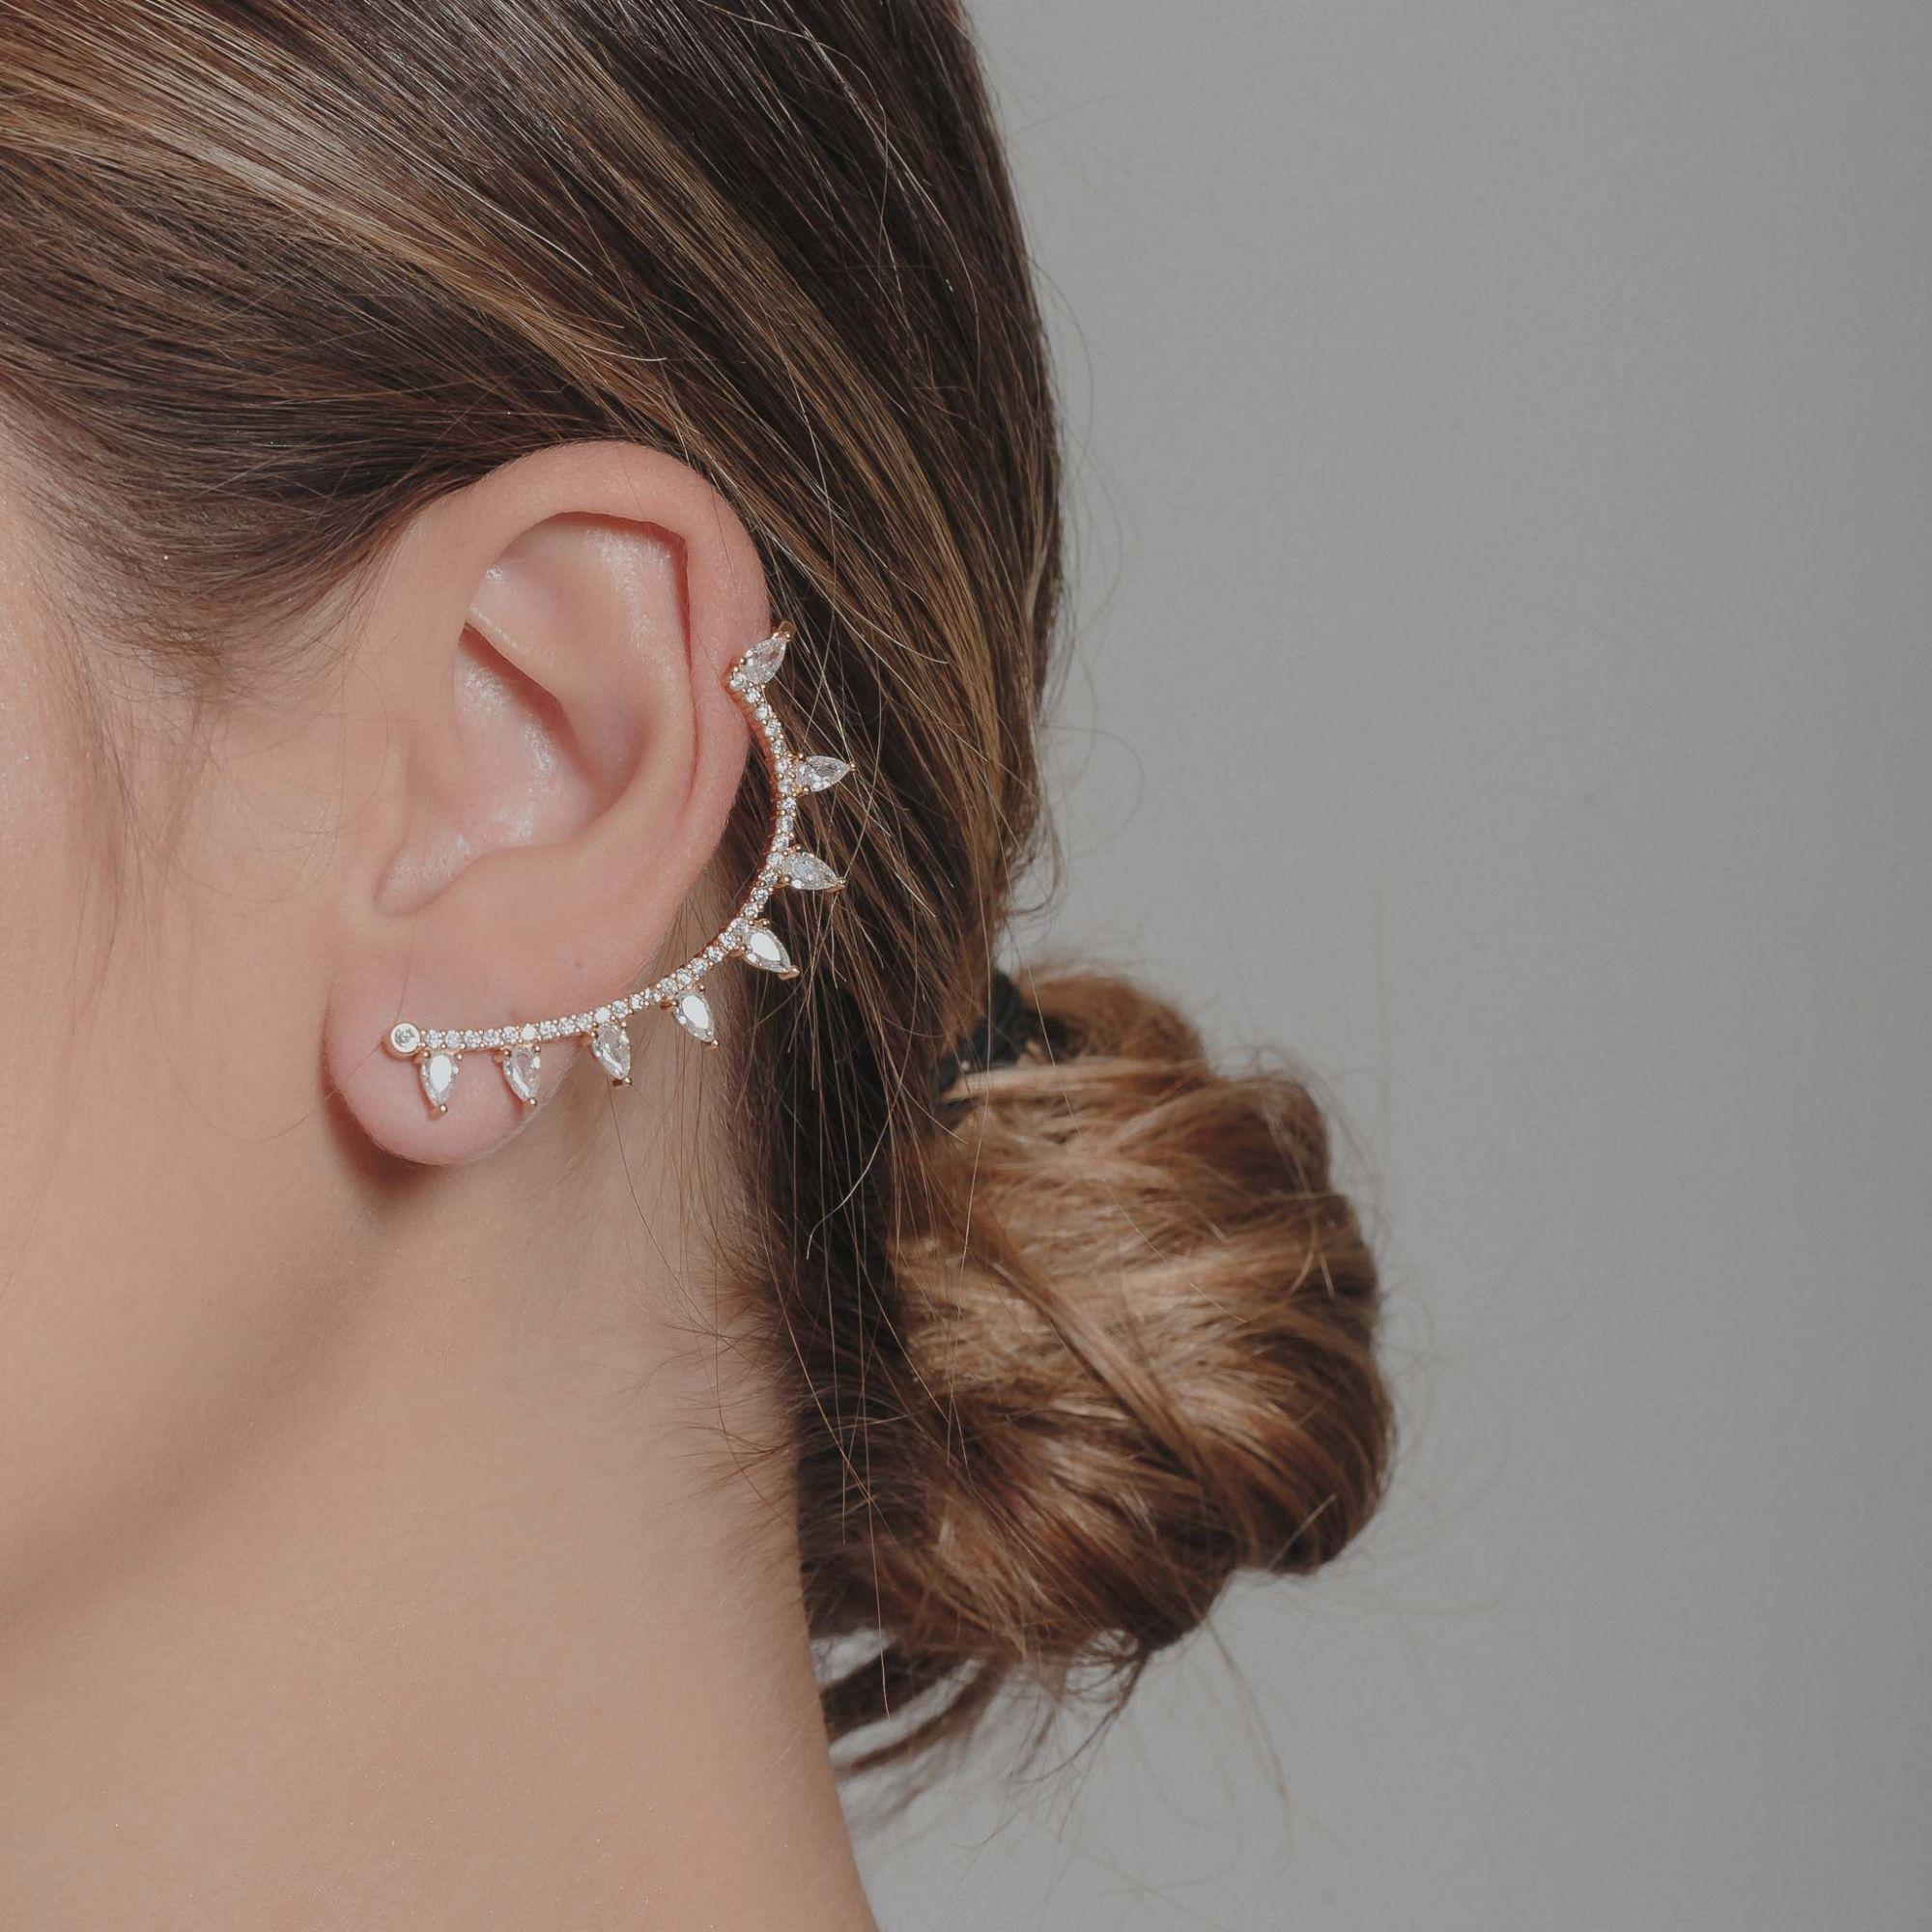 Brinco ear cuff com zircônias cristais banhado a ouro 18k.  - romabrazil.com.br